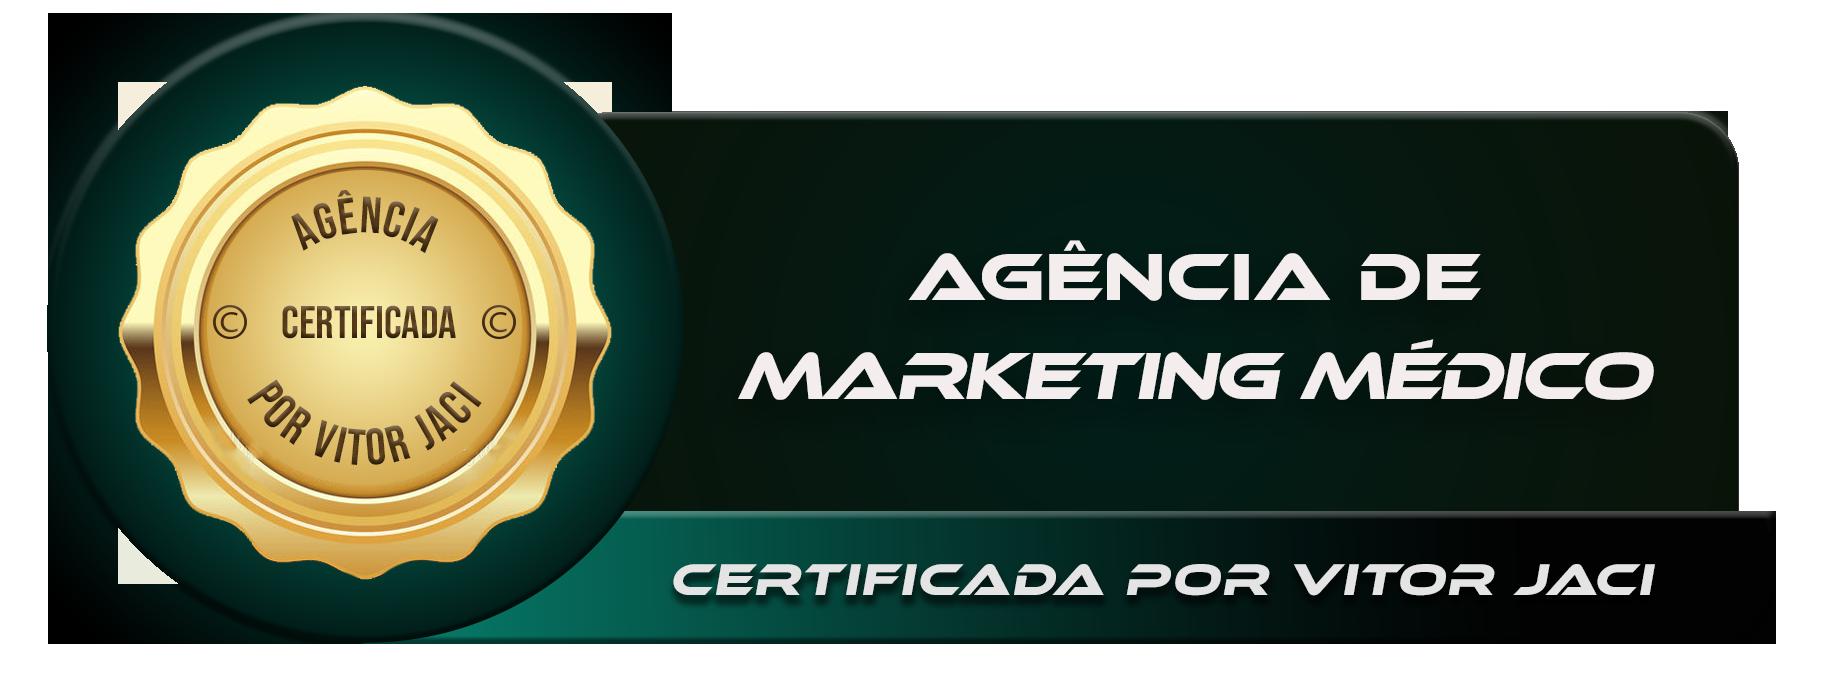 Selo - Agência de Marketing Médico Certificada - Vitor Jaci